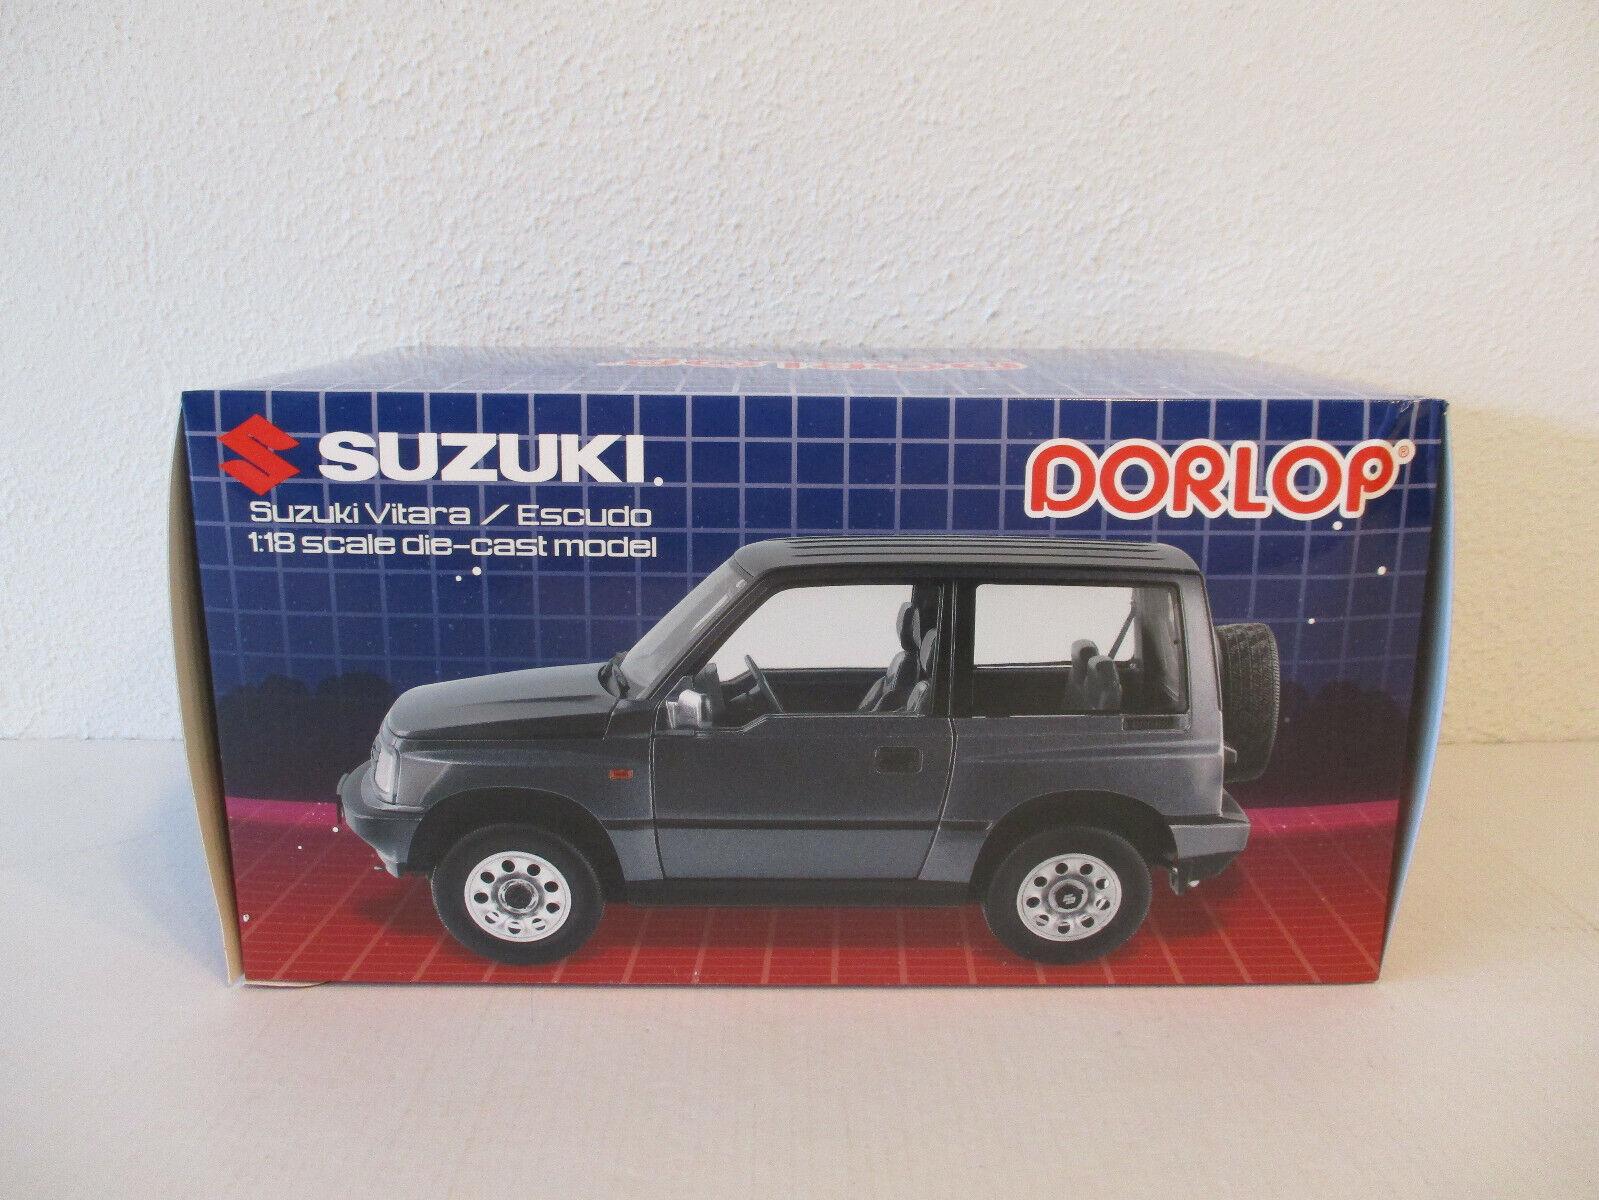 (gokr) 1 18 dorlop Suzuki Vitara Escudo nuevo embalaje original